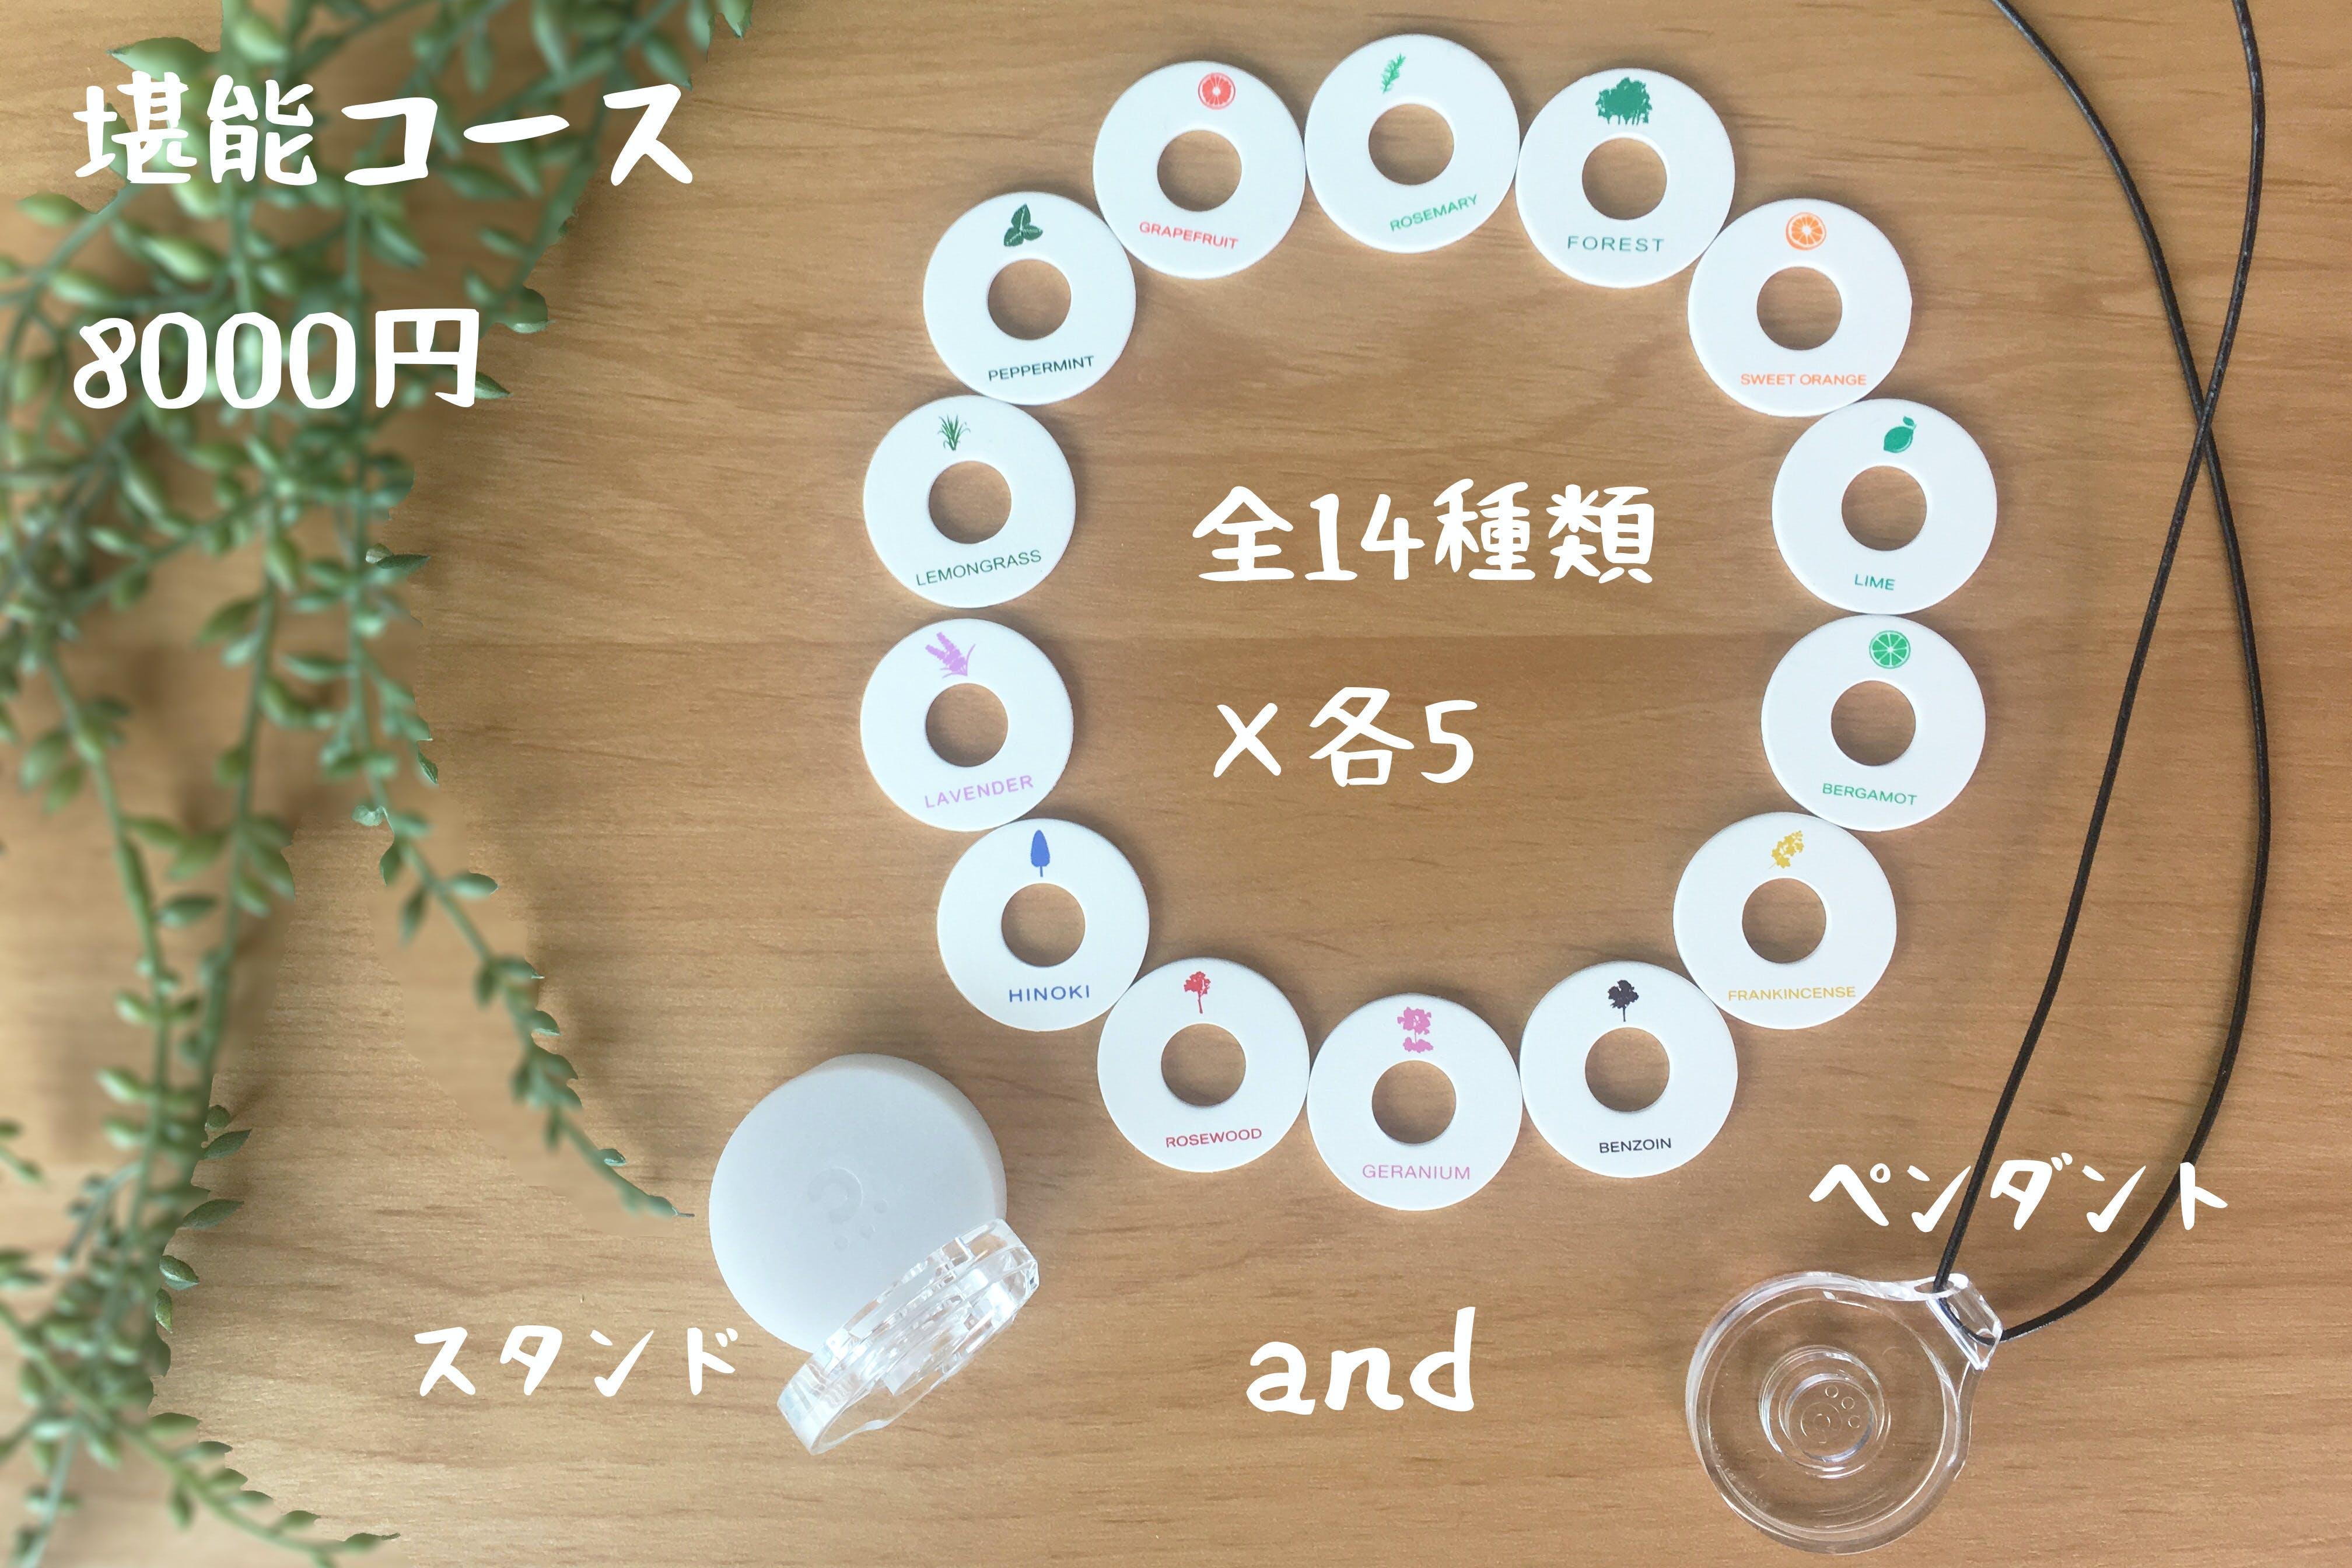 リターン8000円堪能 campfire